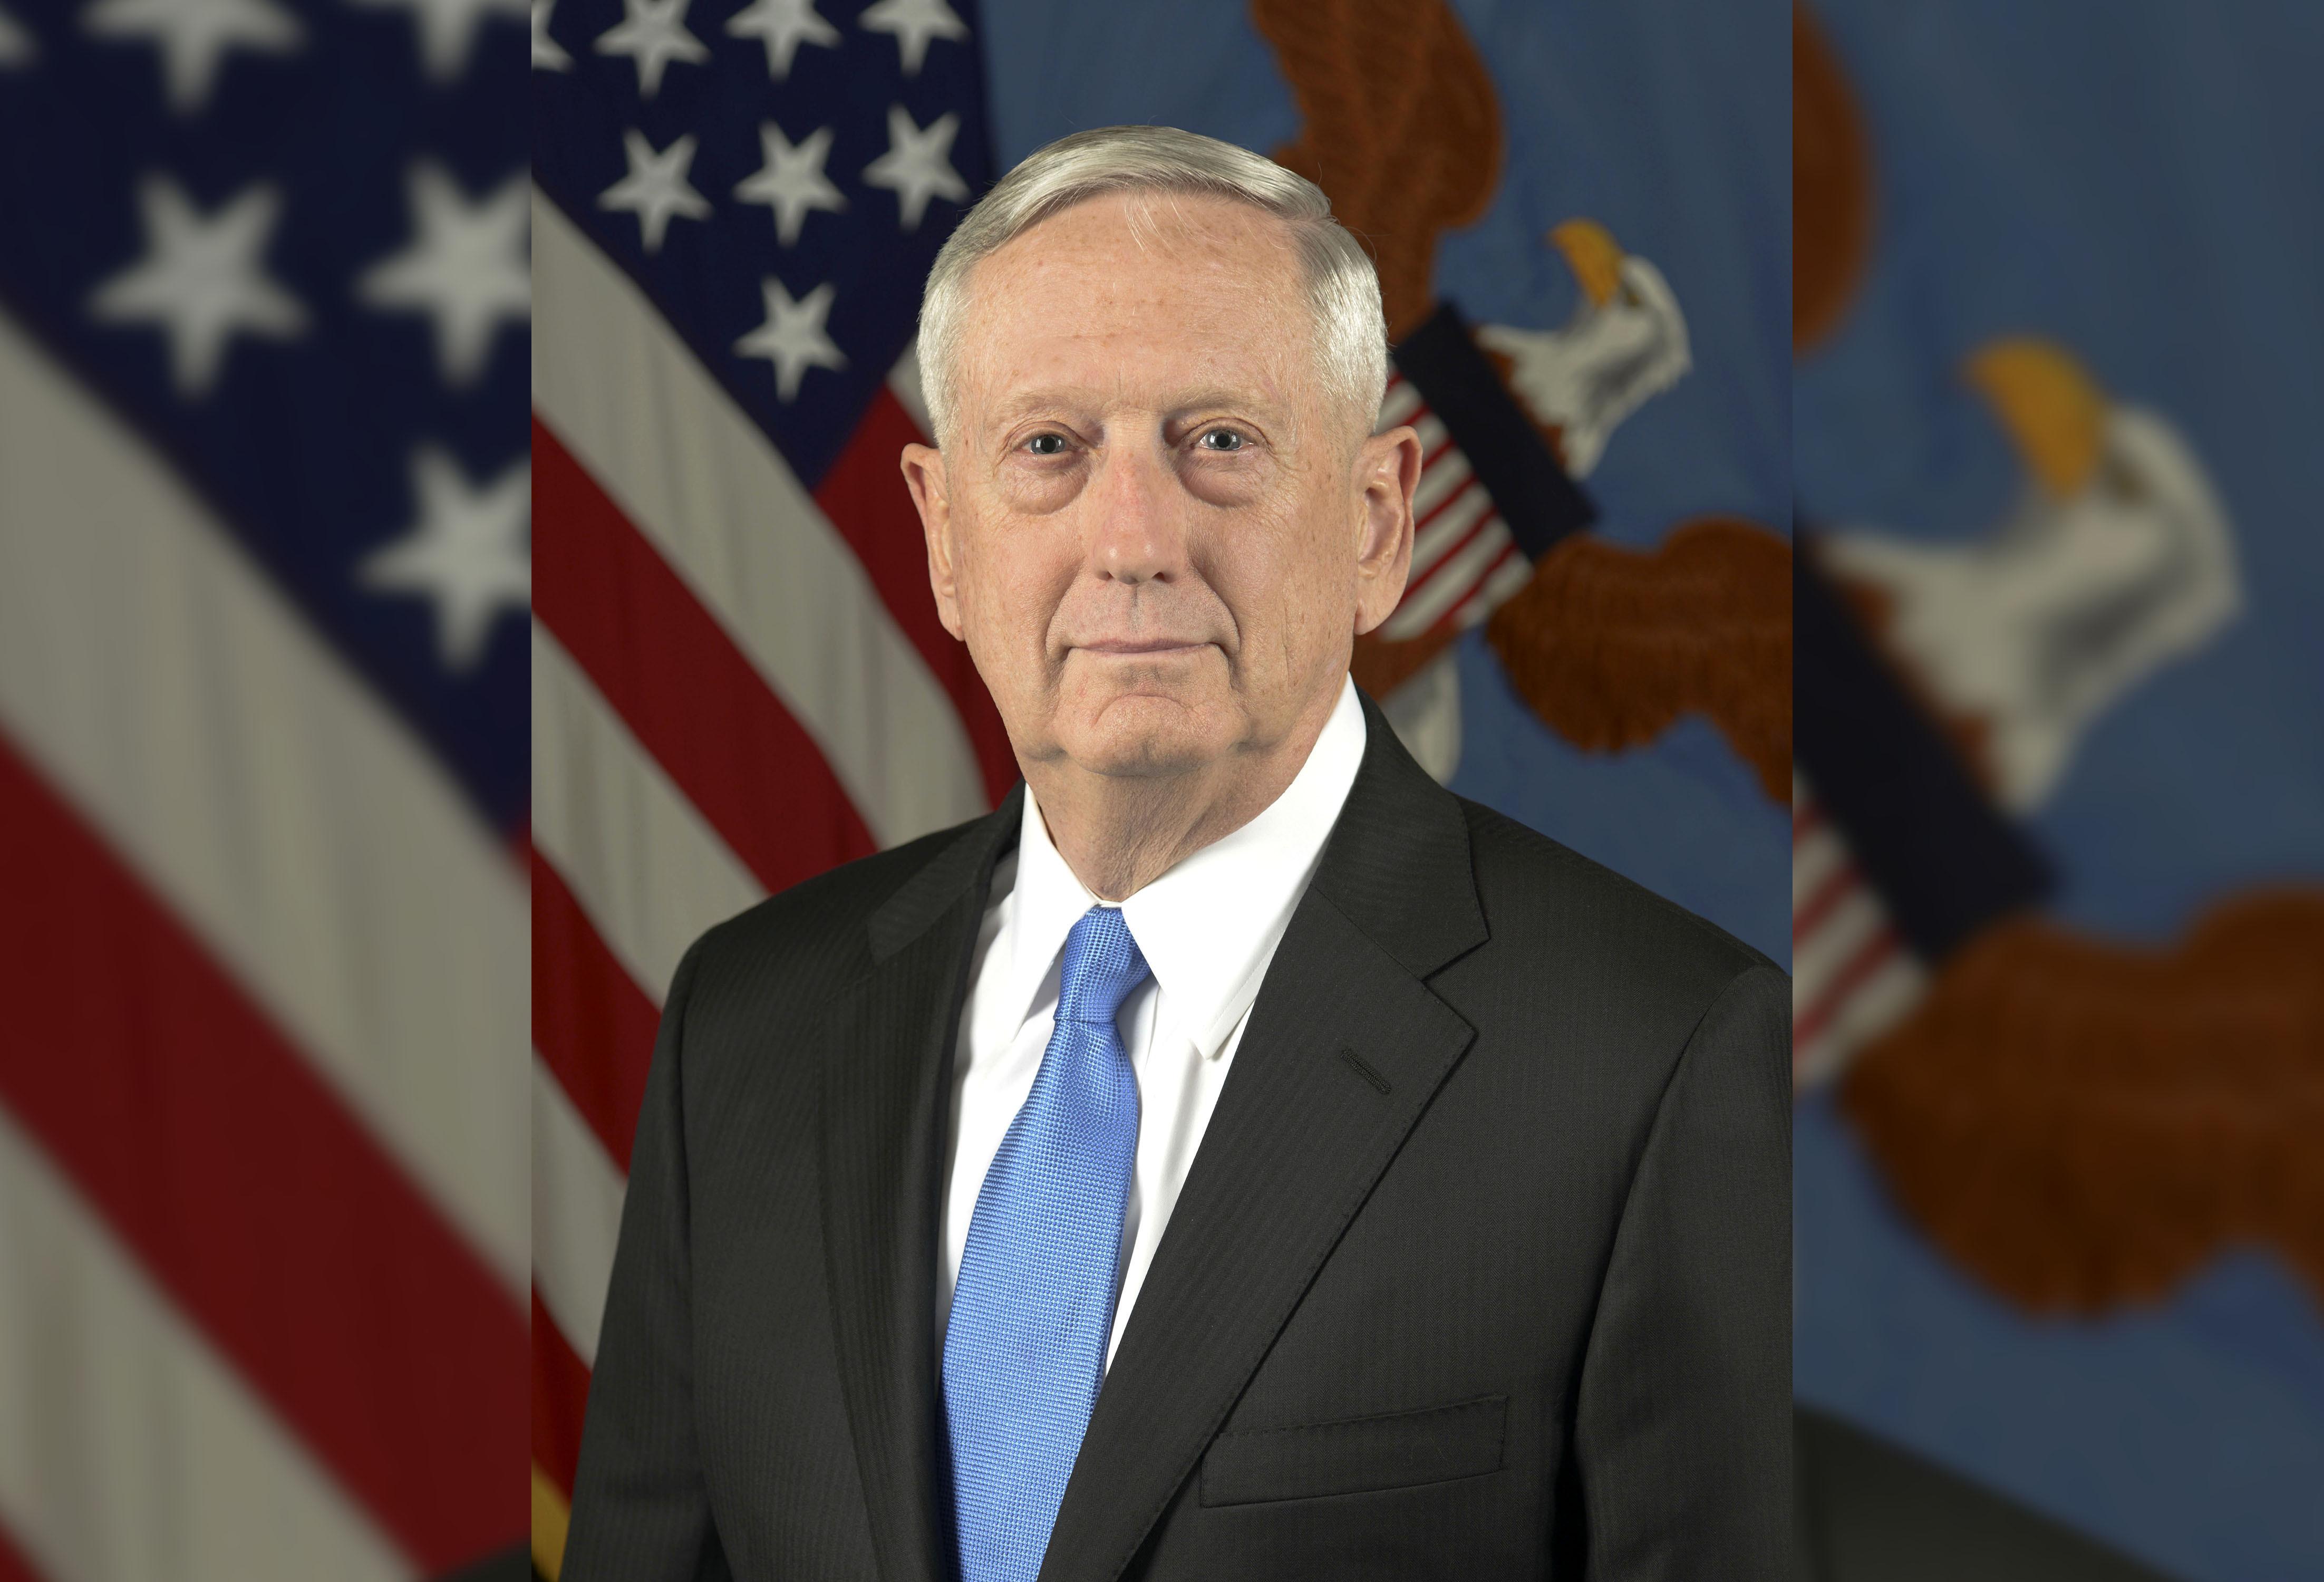 ВСША намереваются насотрудничество сРоссией вАфганистане